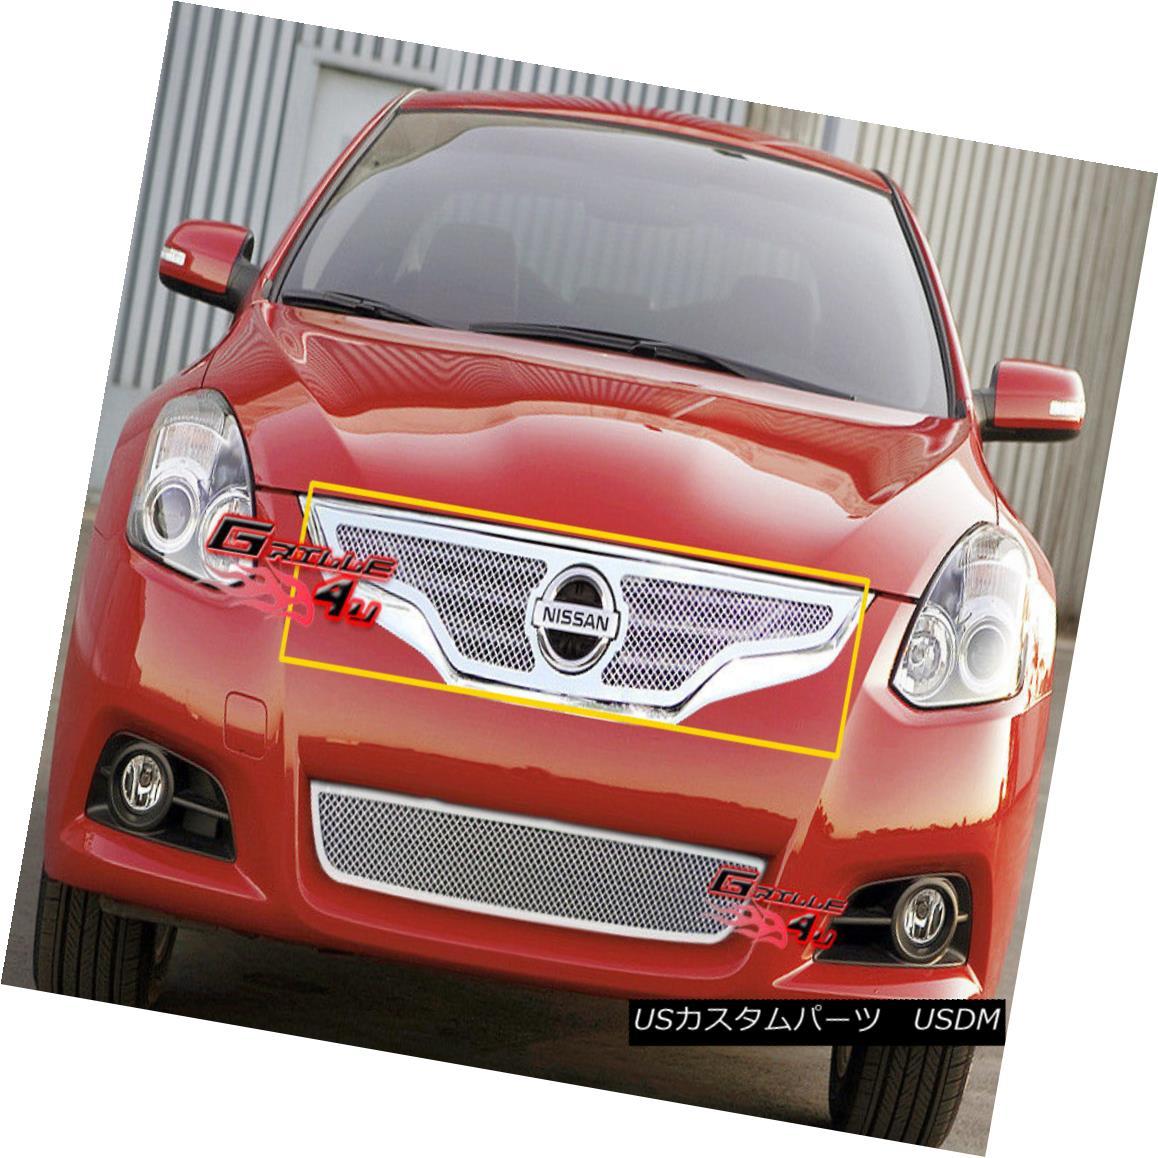 グリル For 2010-2012 Nissan Altima Coupe Stainless Steel Mesh Grille Grill Insert 日産アルティマクーペステンレスメッシュグリルグリルインサート